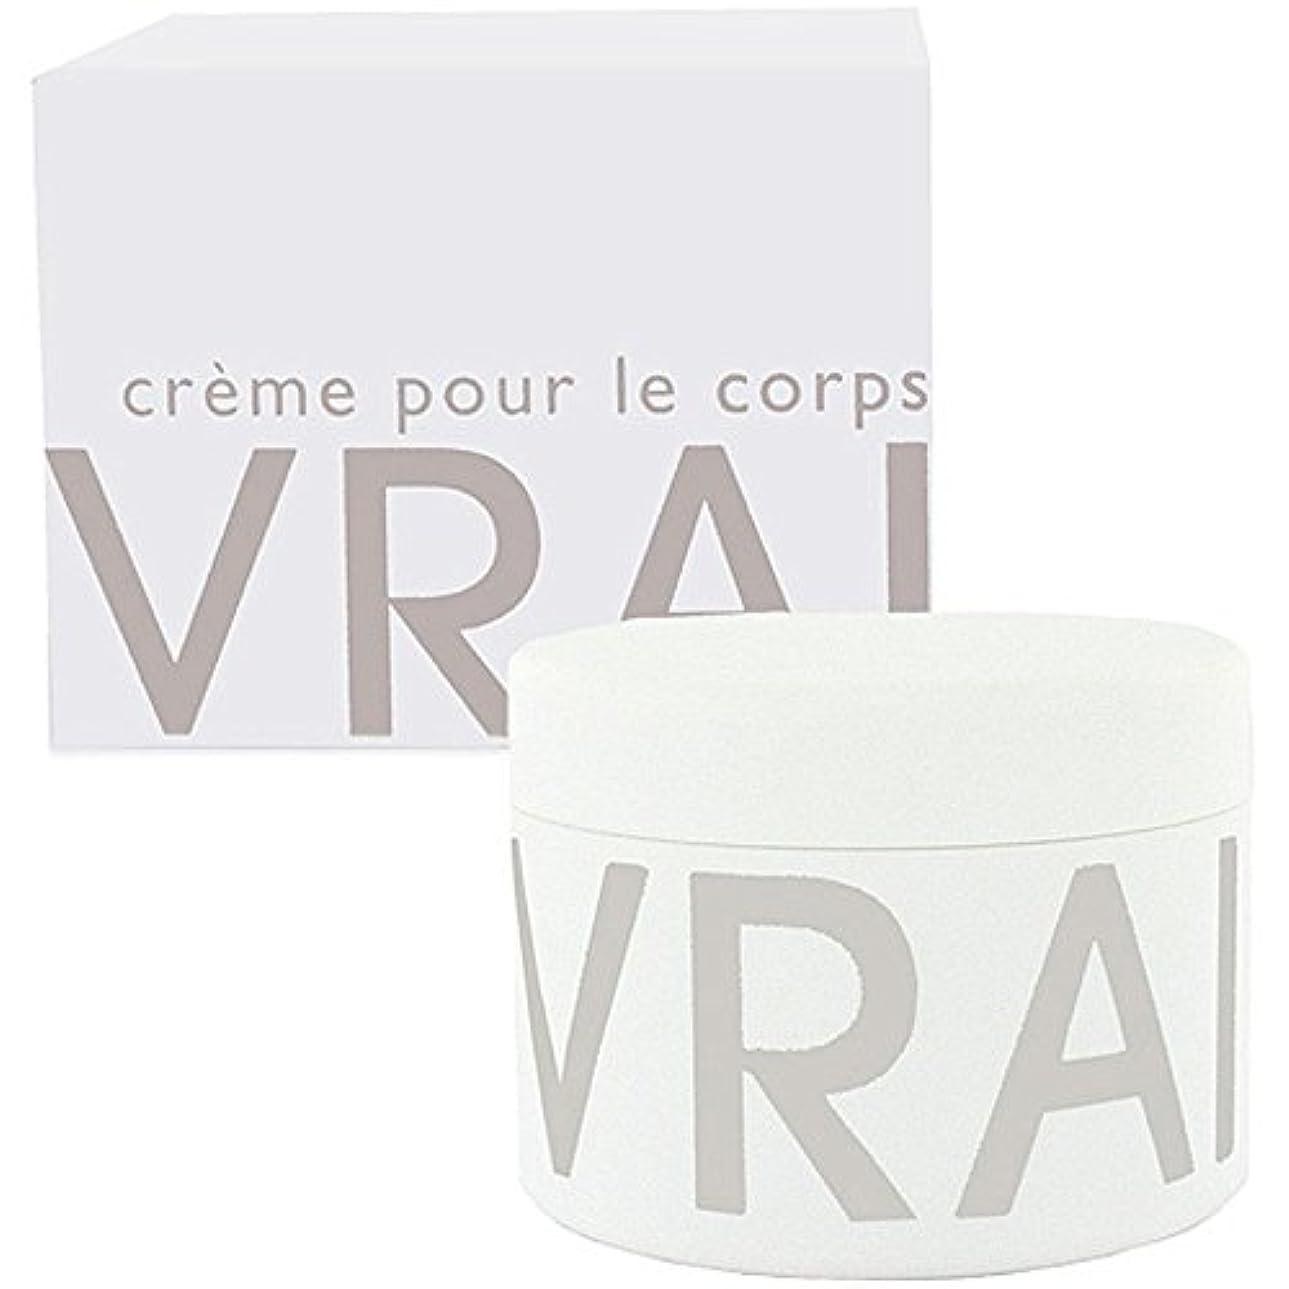 テキストであること唯一Fragonard BRAI (フラゴナール ブライ) 6.7 oz (200ml) Luxurious Body Cream